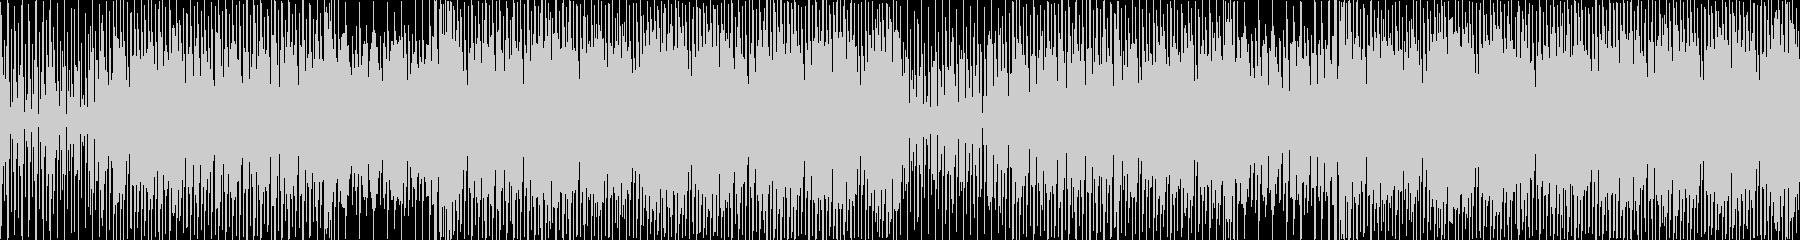 エレクトロハウス。まっすぐ。の未再生の波形